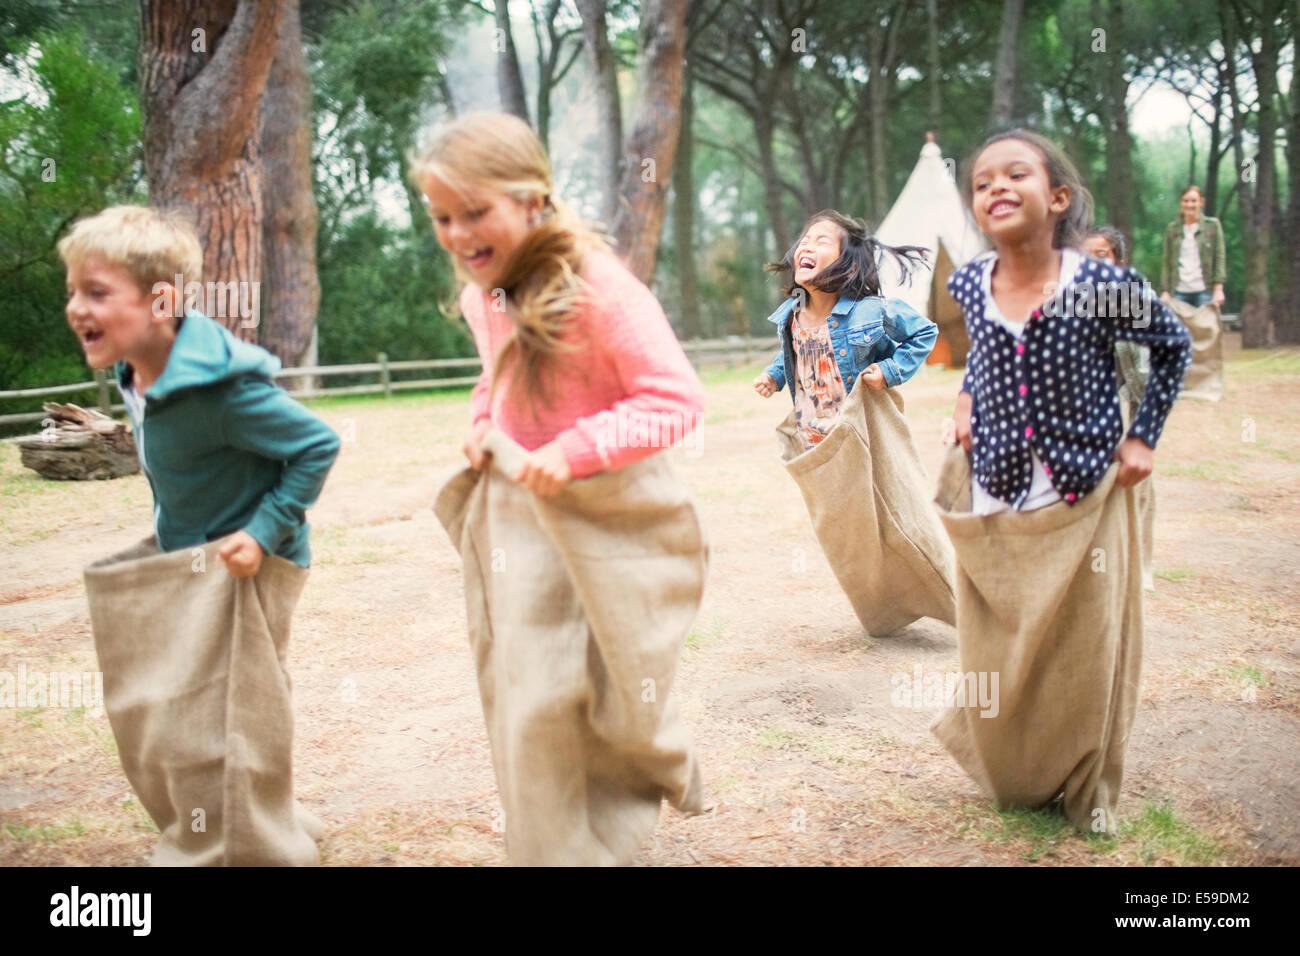 Bambini aventi il sacco gara nel campo Immagini Stock